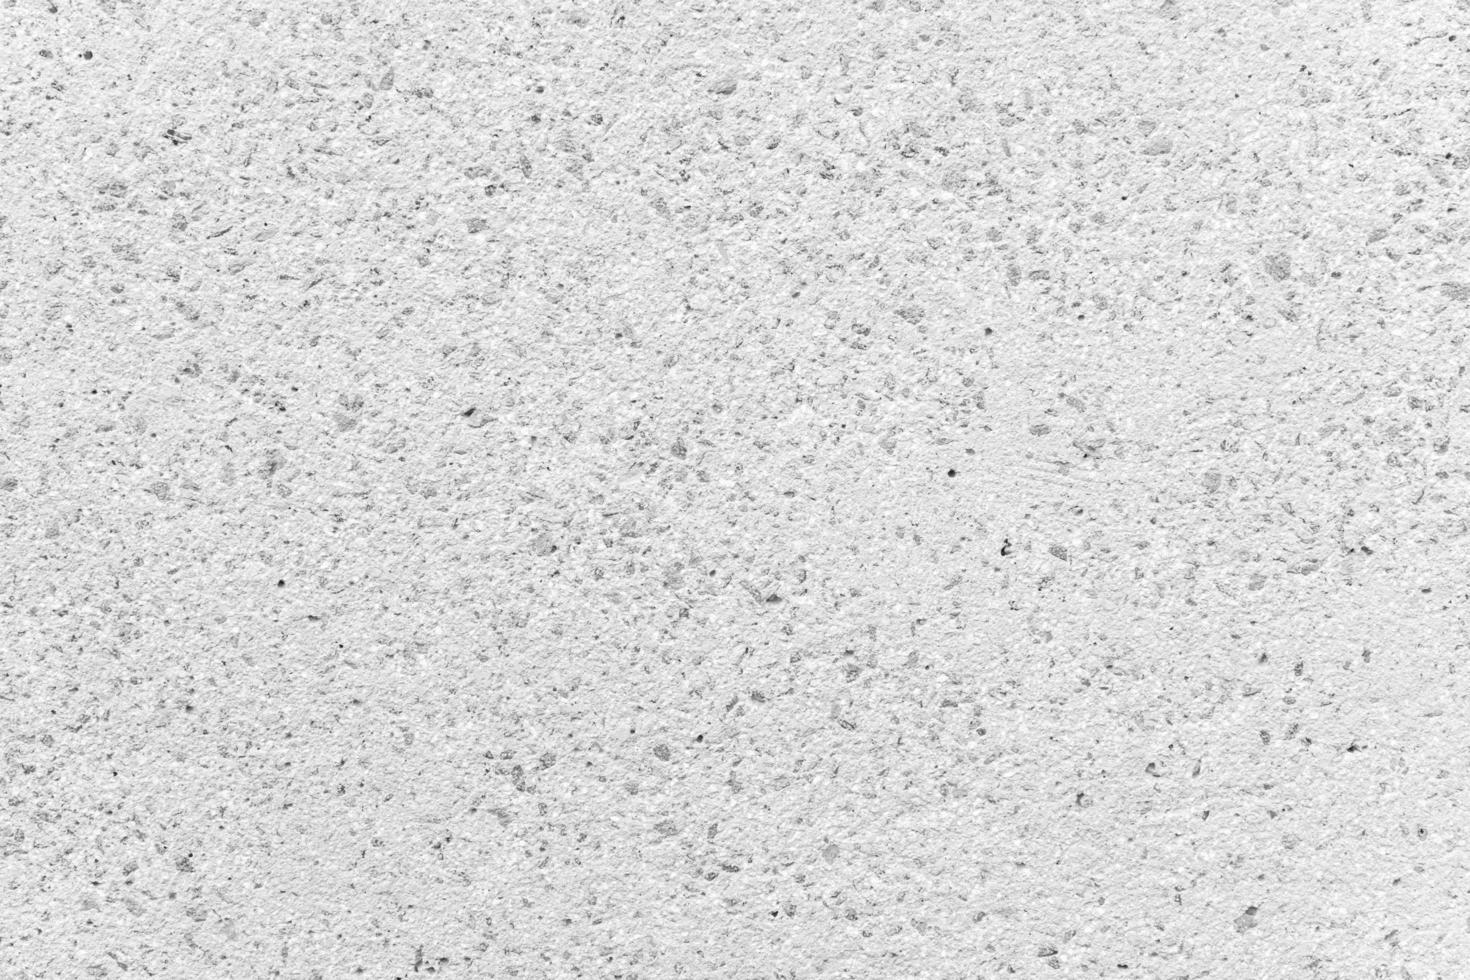 superficie di cemento grigio chiaro foto